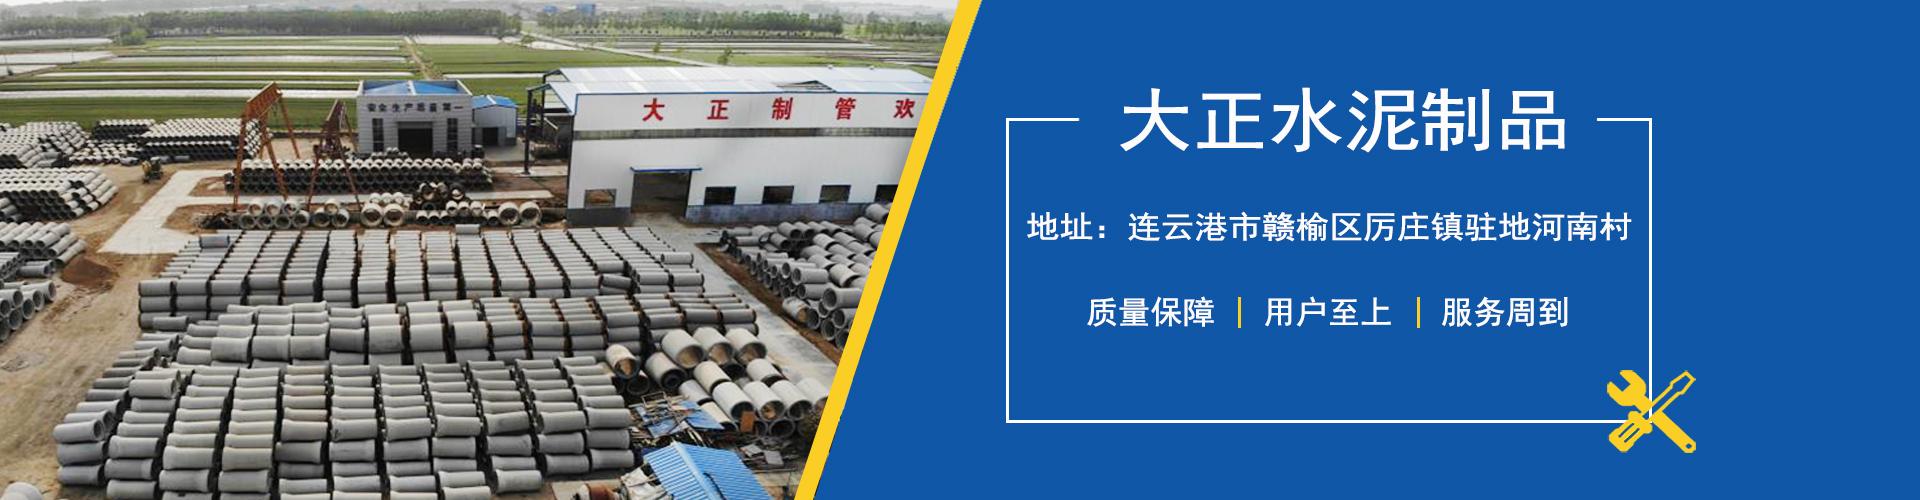 钢筋混凝土龙8国际pt老虎机官网|在线网站厂家